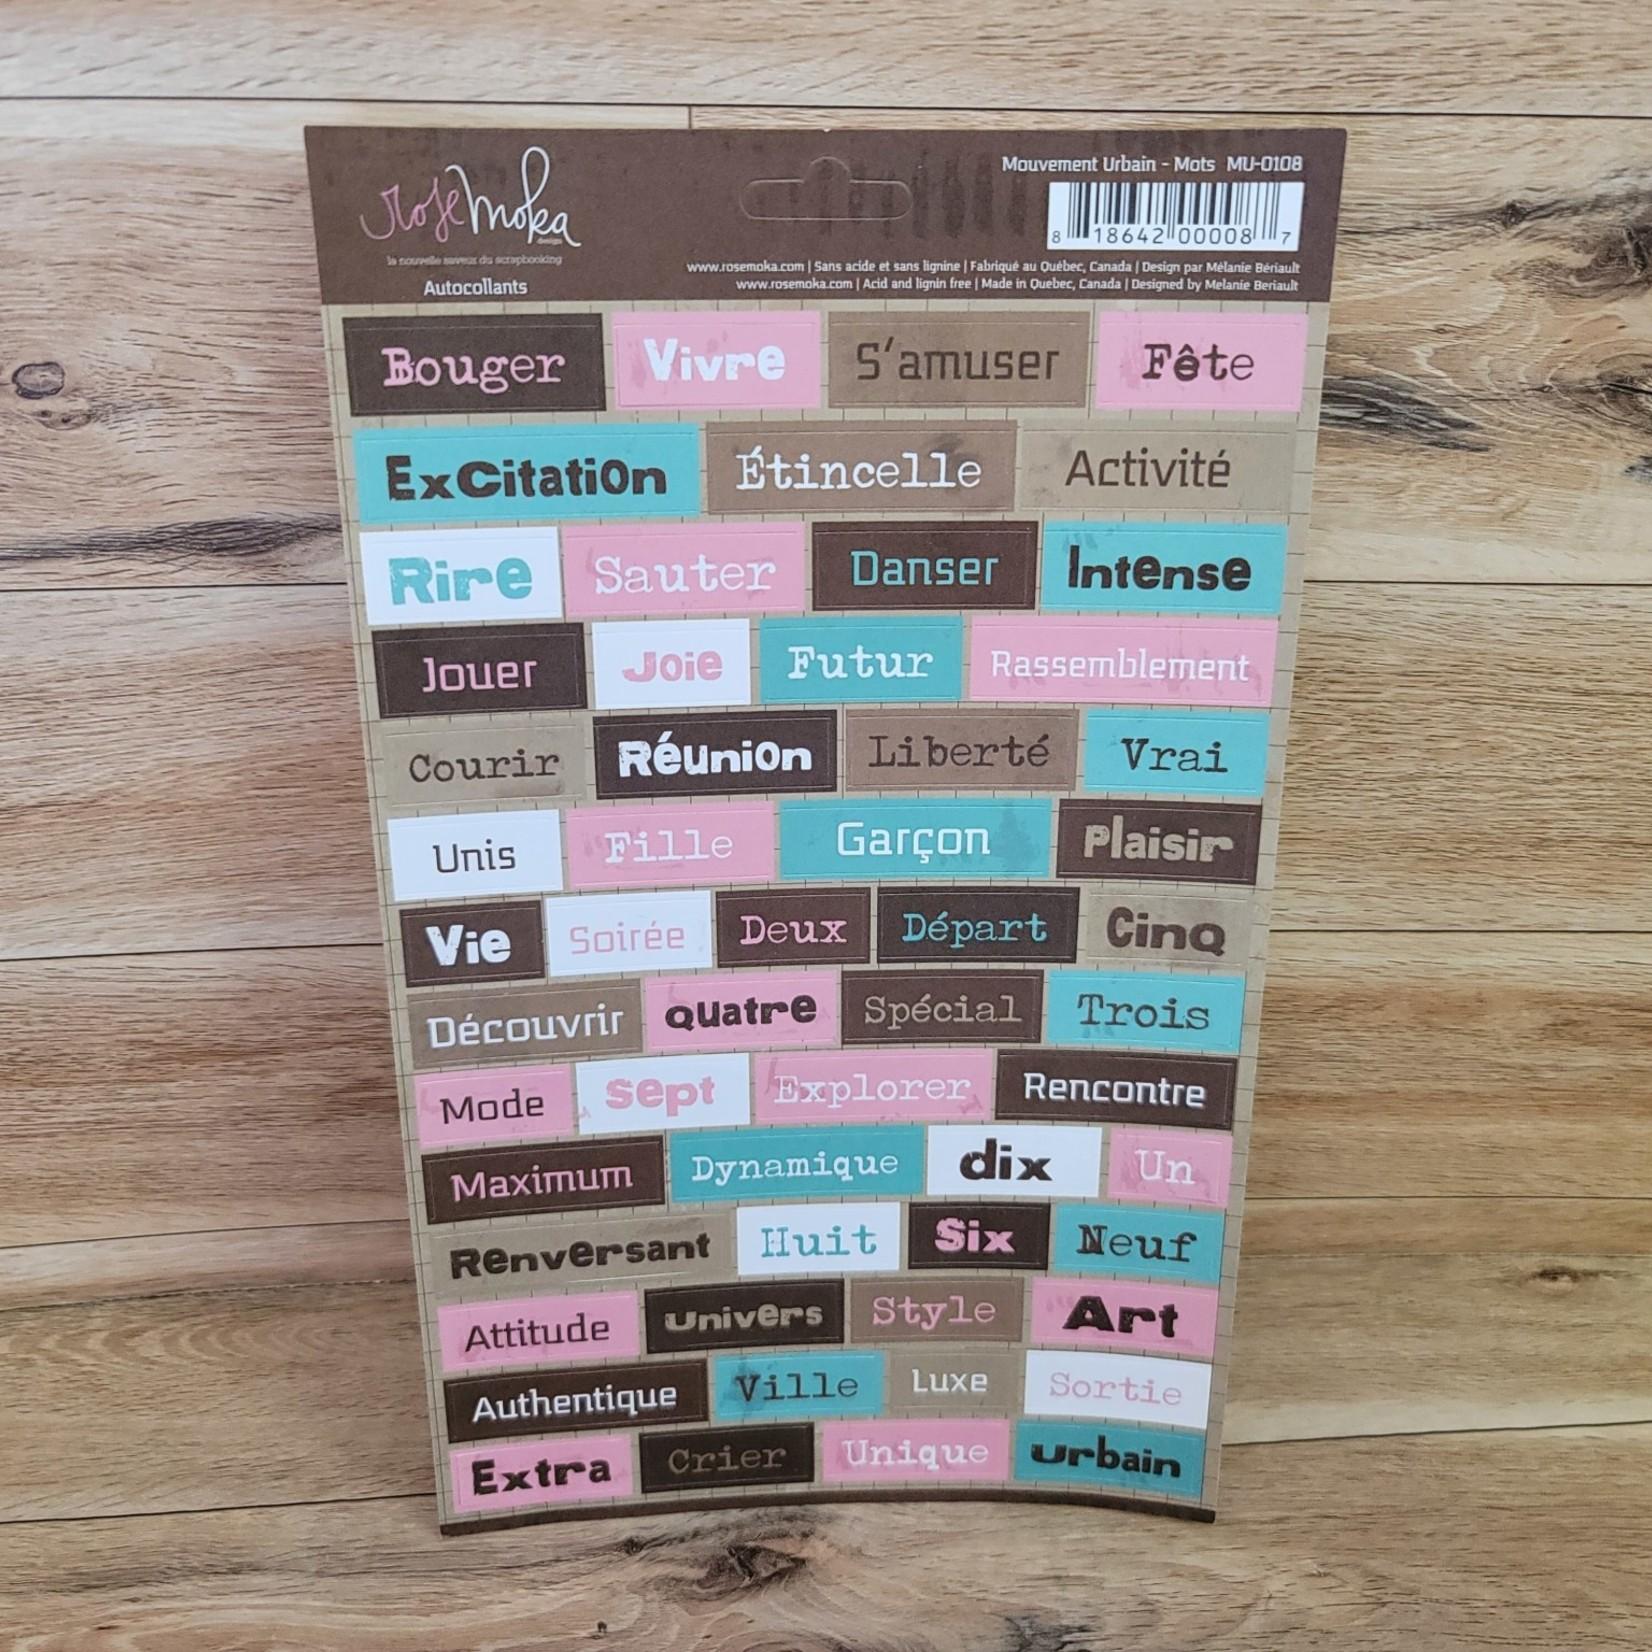 Sticker Sheet - Mouvement Urbain